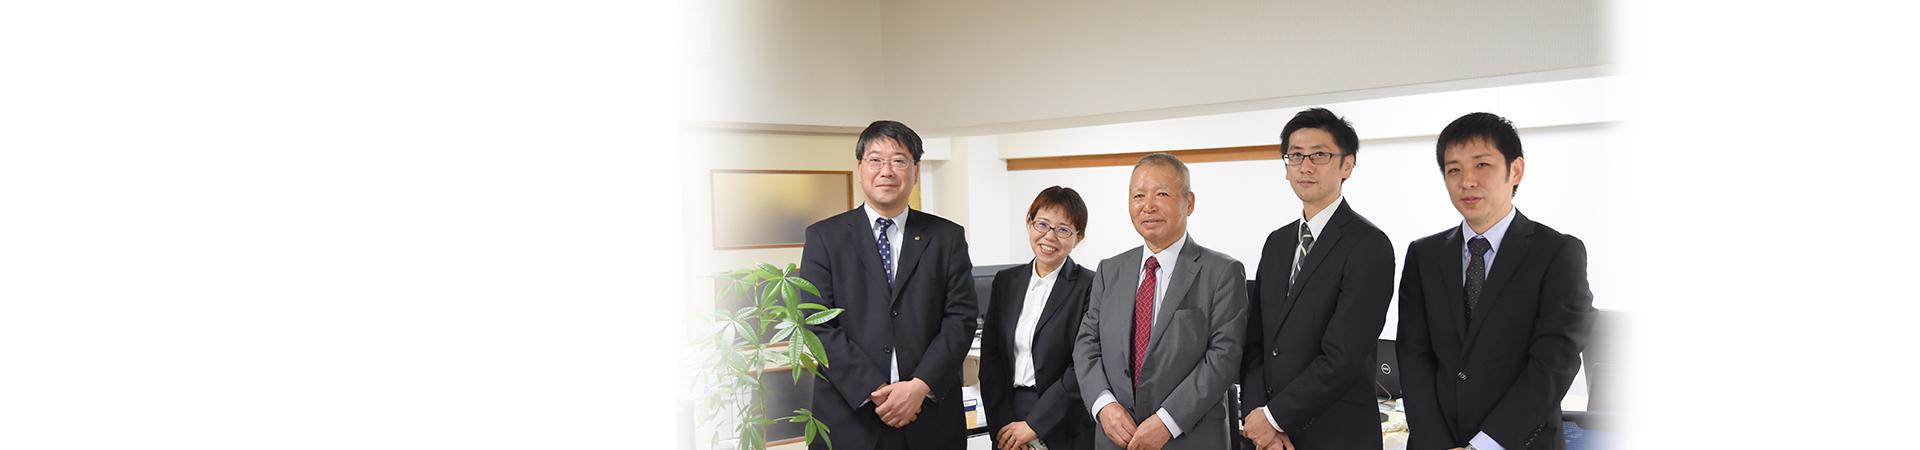 税理士法人近未来の社員の集合写真